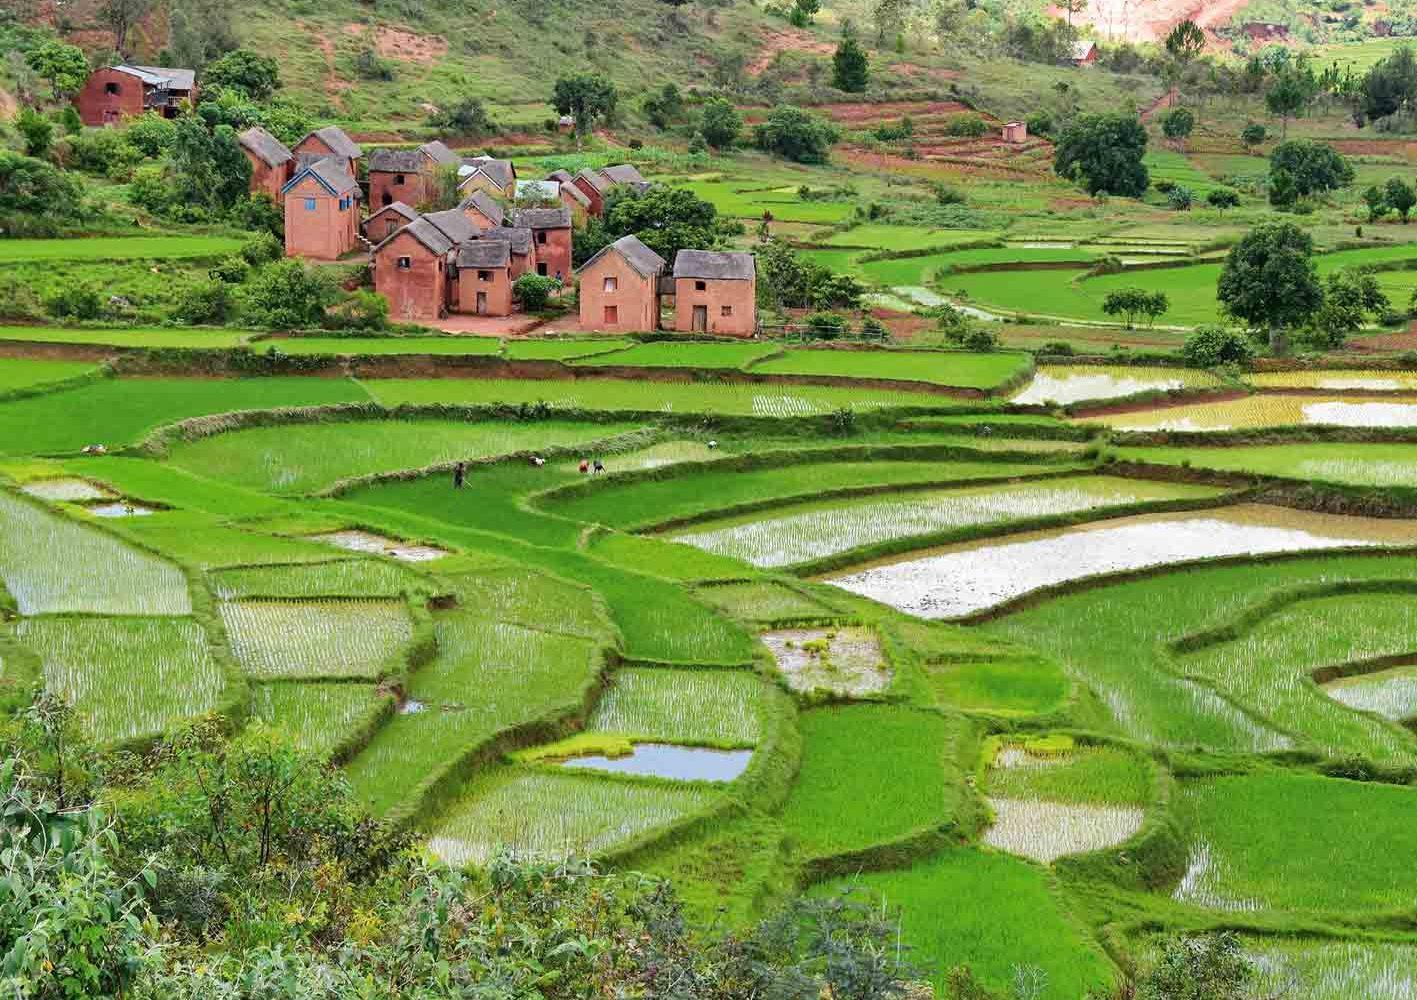 Wanderung durch Reisterrassen auf Madagaskar